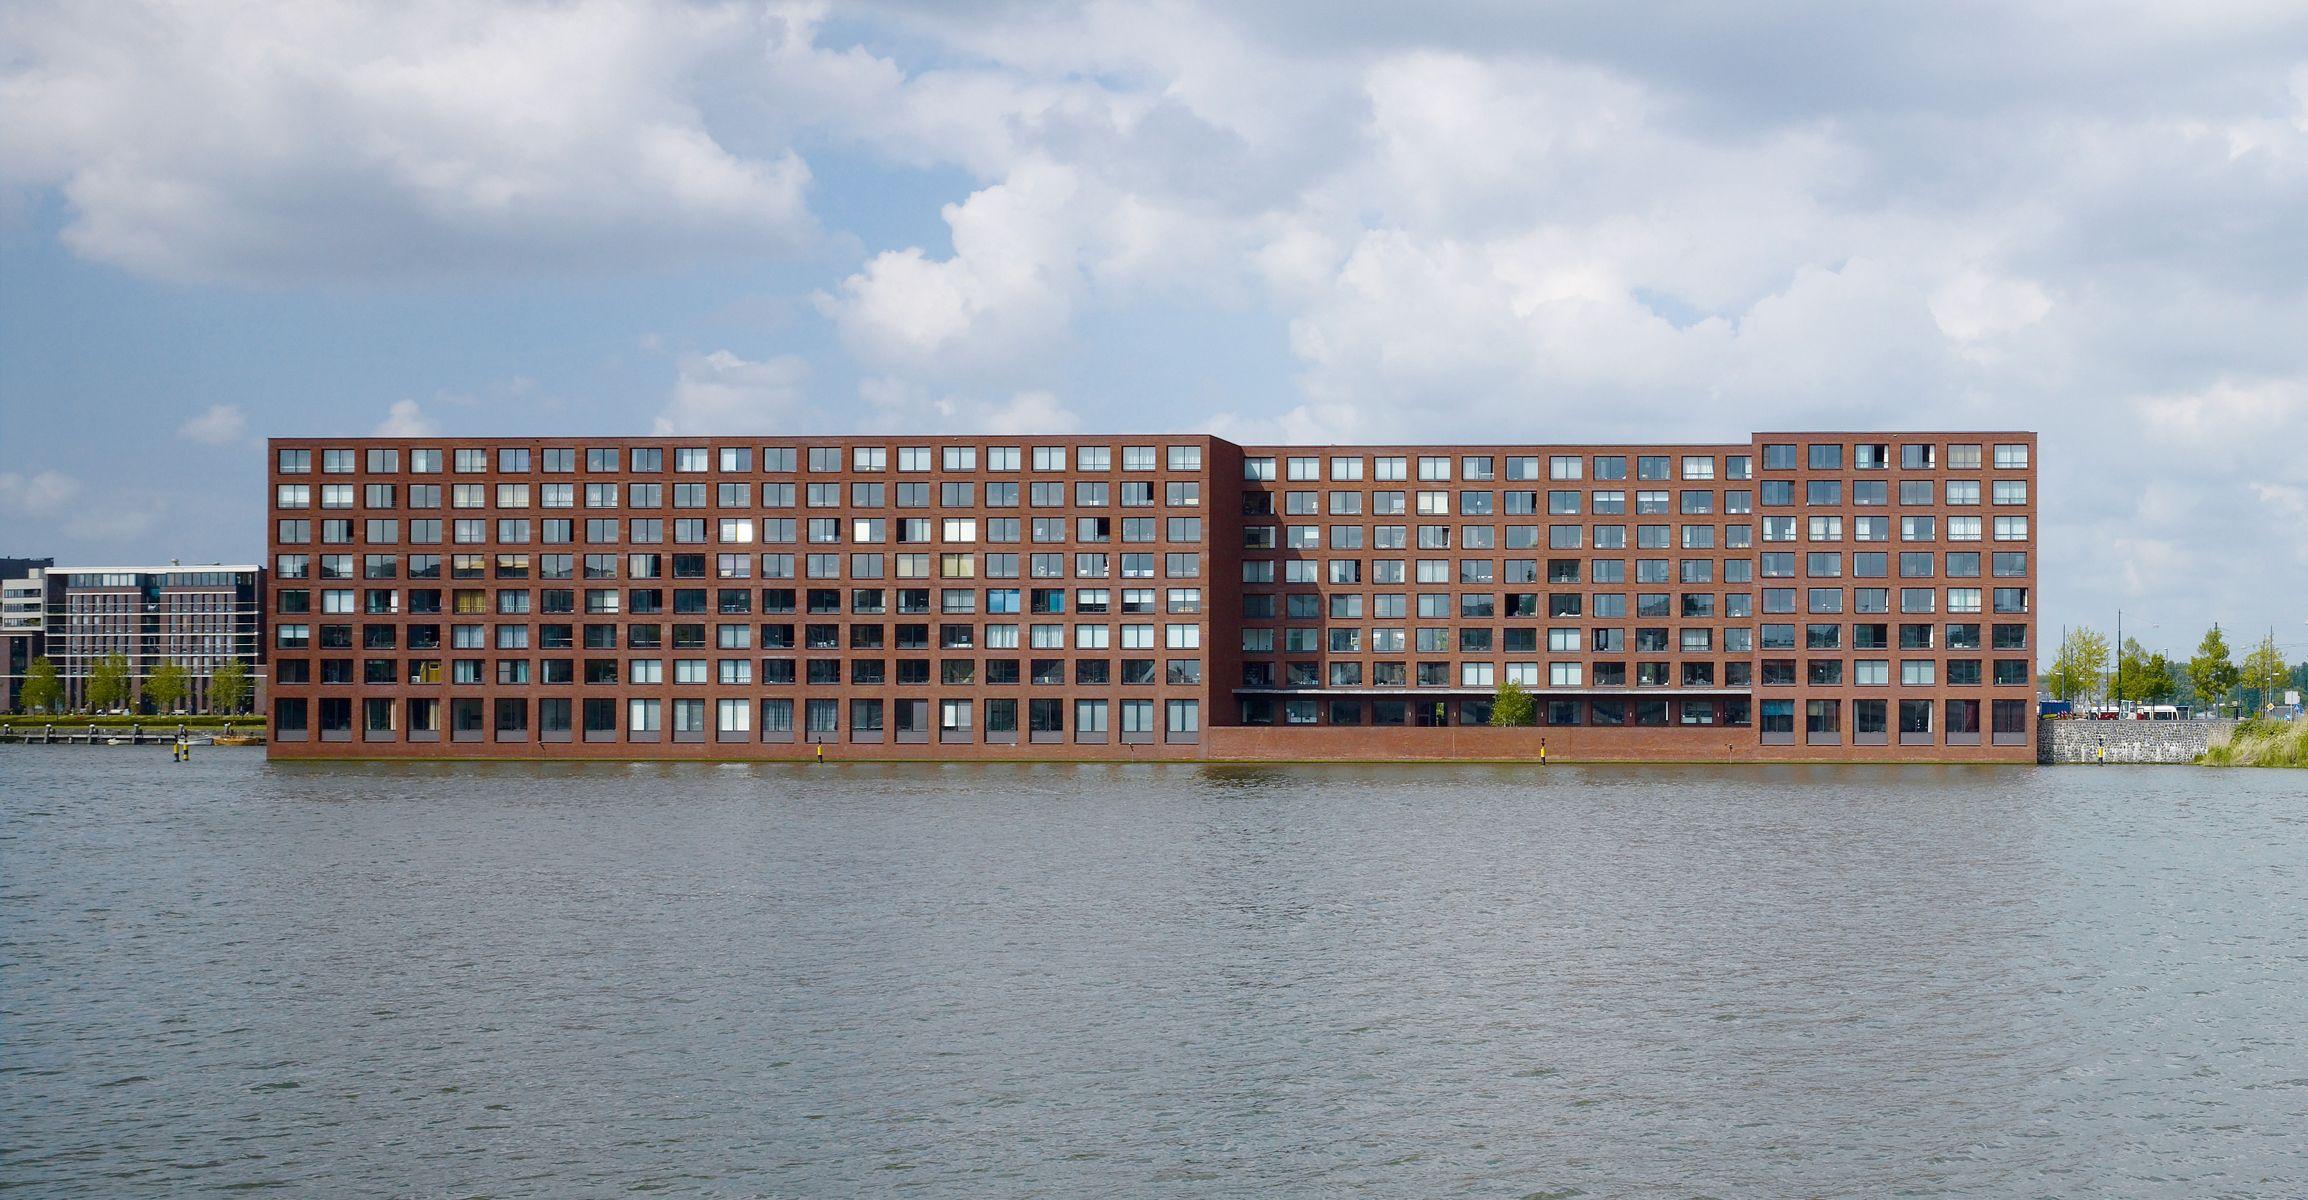 Architektur Amsterdam diener diener knsm and java island amsterdam architektur